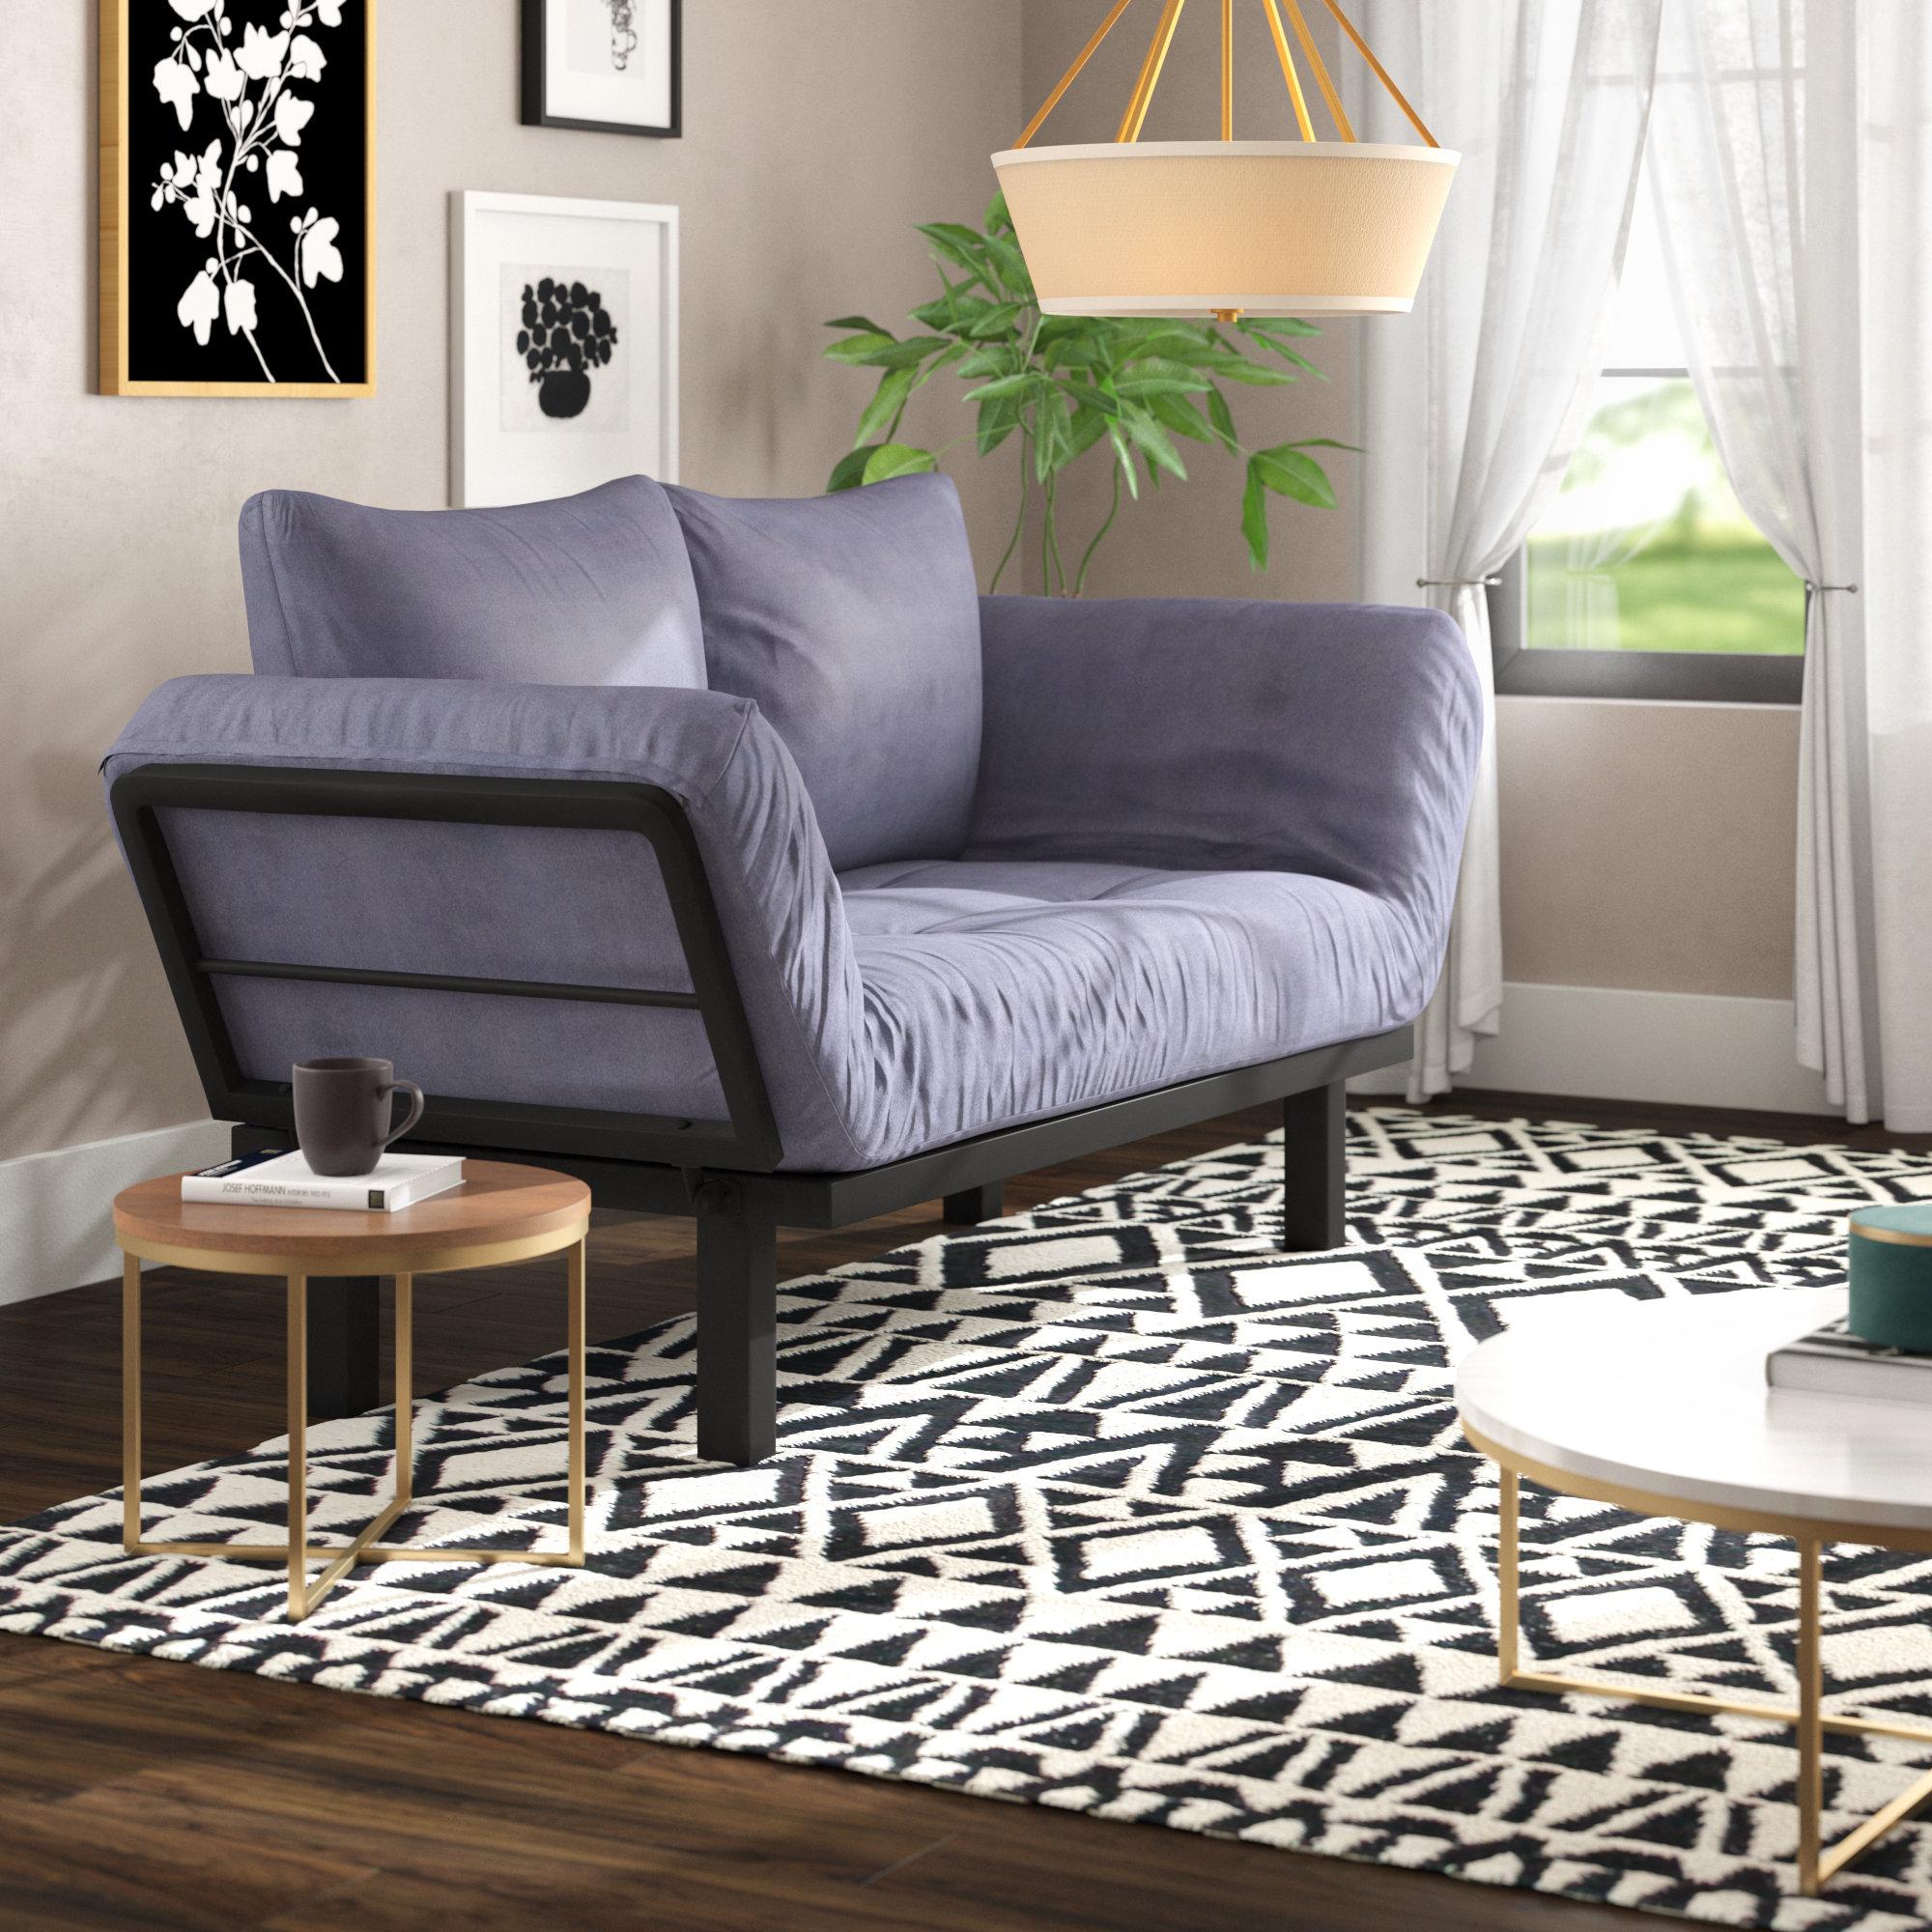 Ebern designs everett convertible lounger futon and mattress reviews wayfair